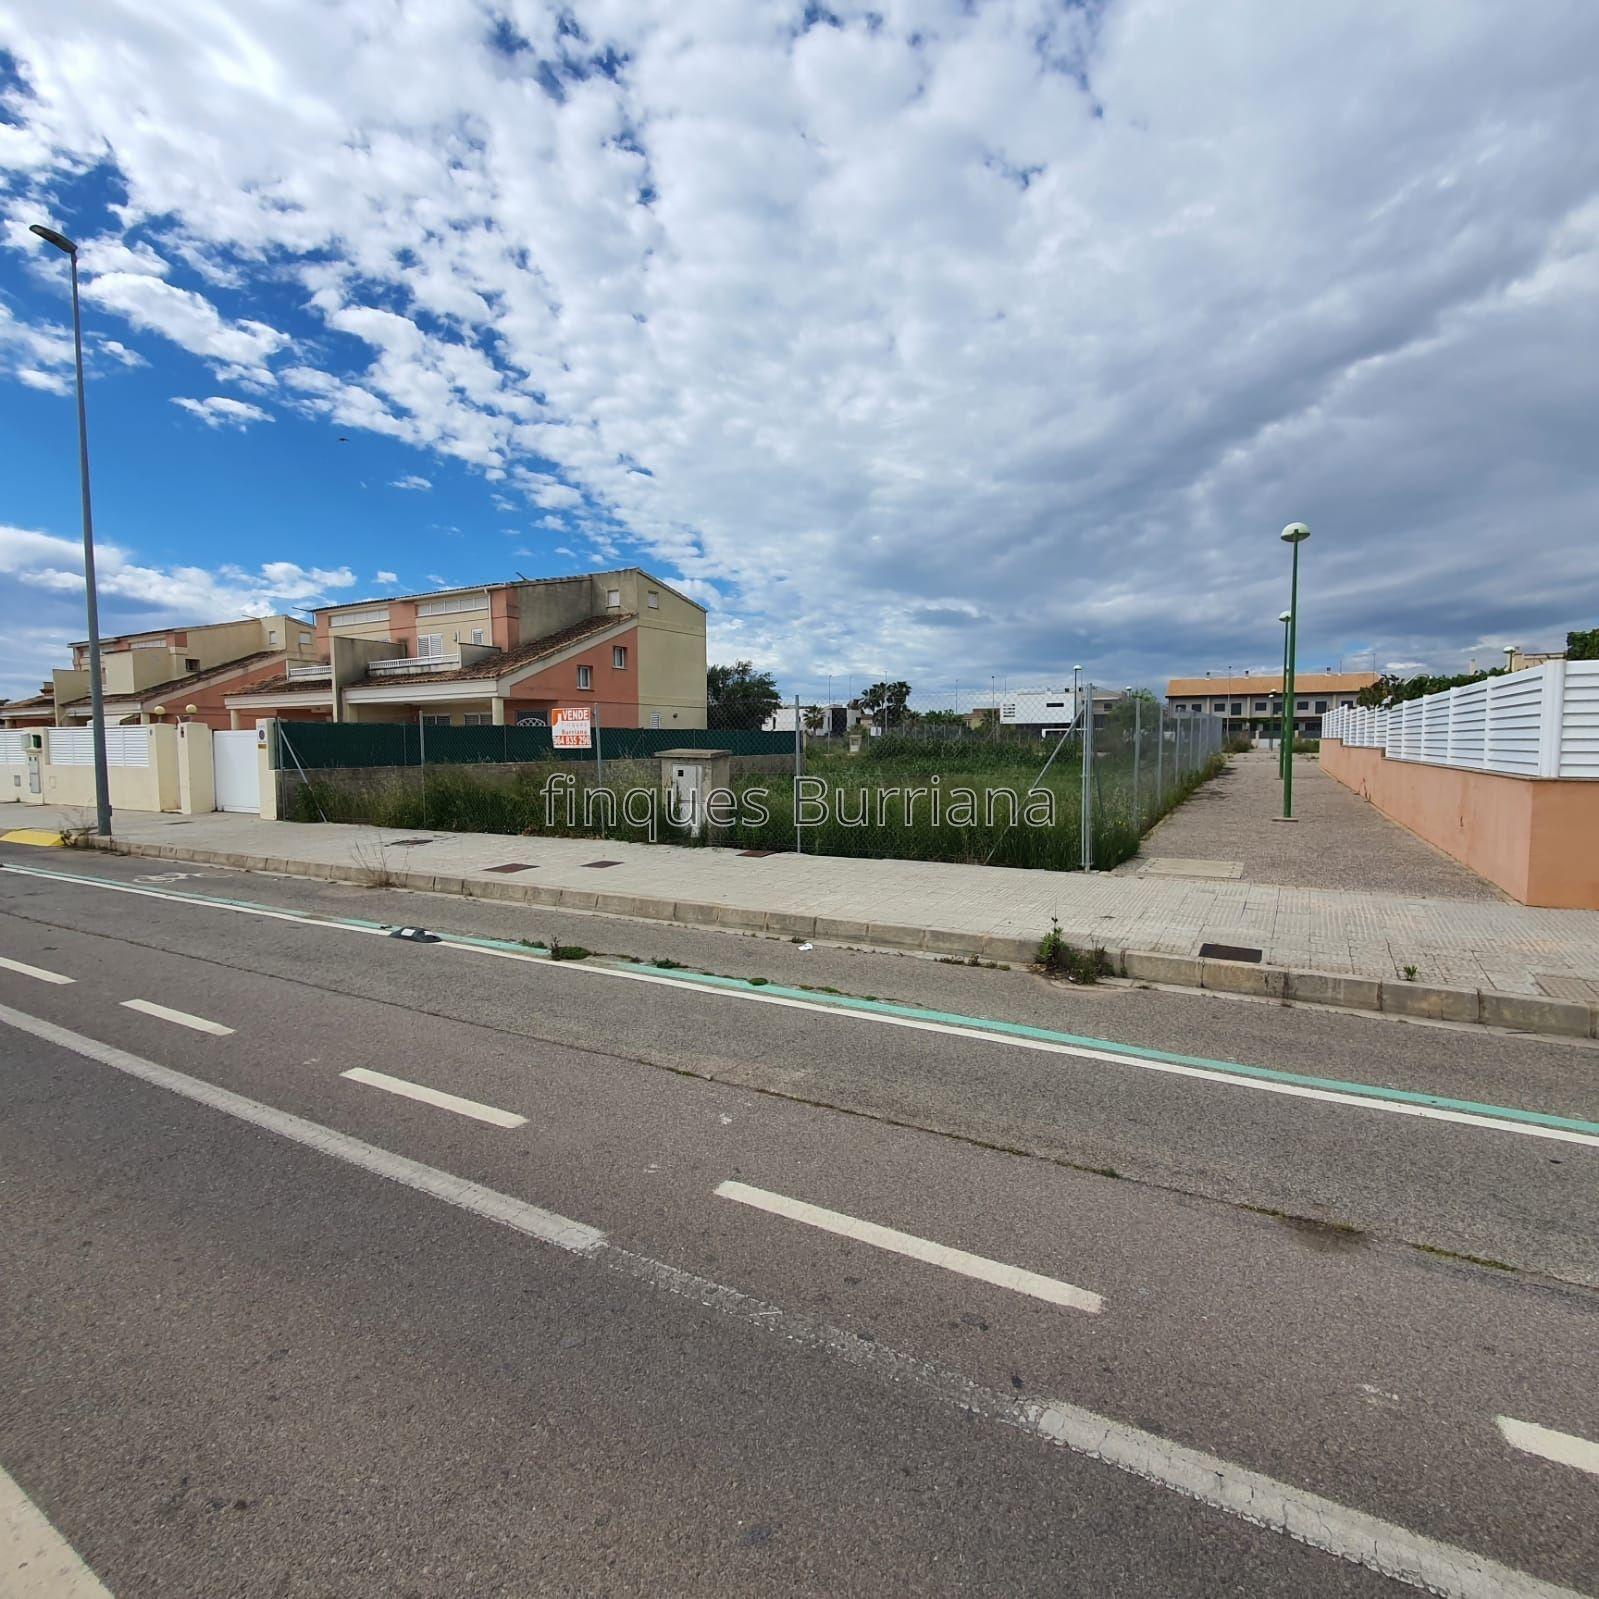 Parcela Situada Cami Fondo de Burriana